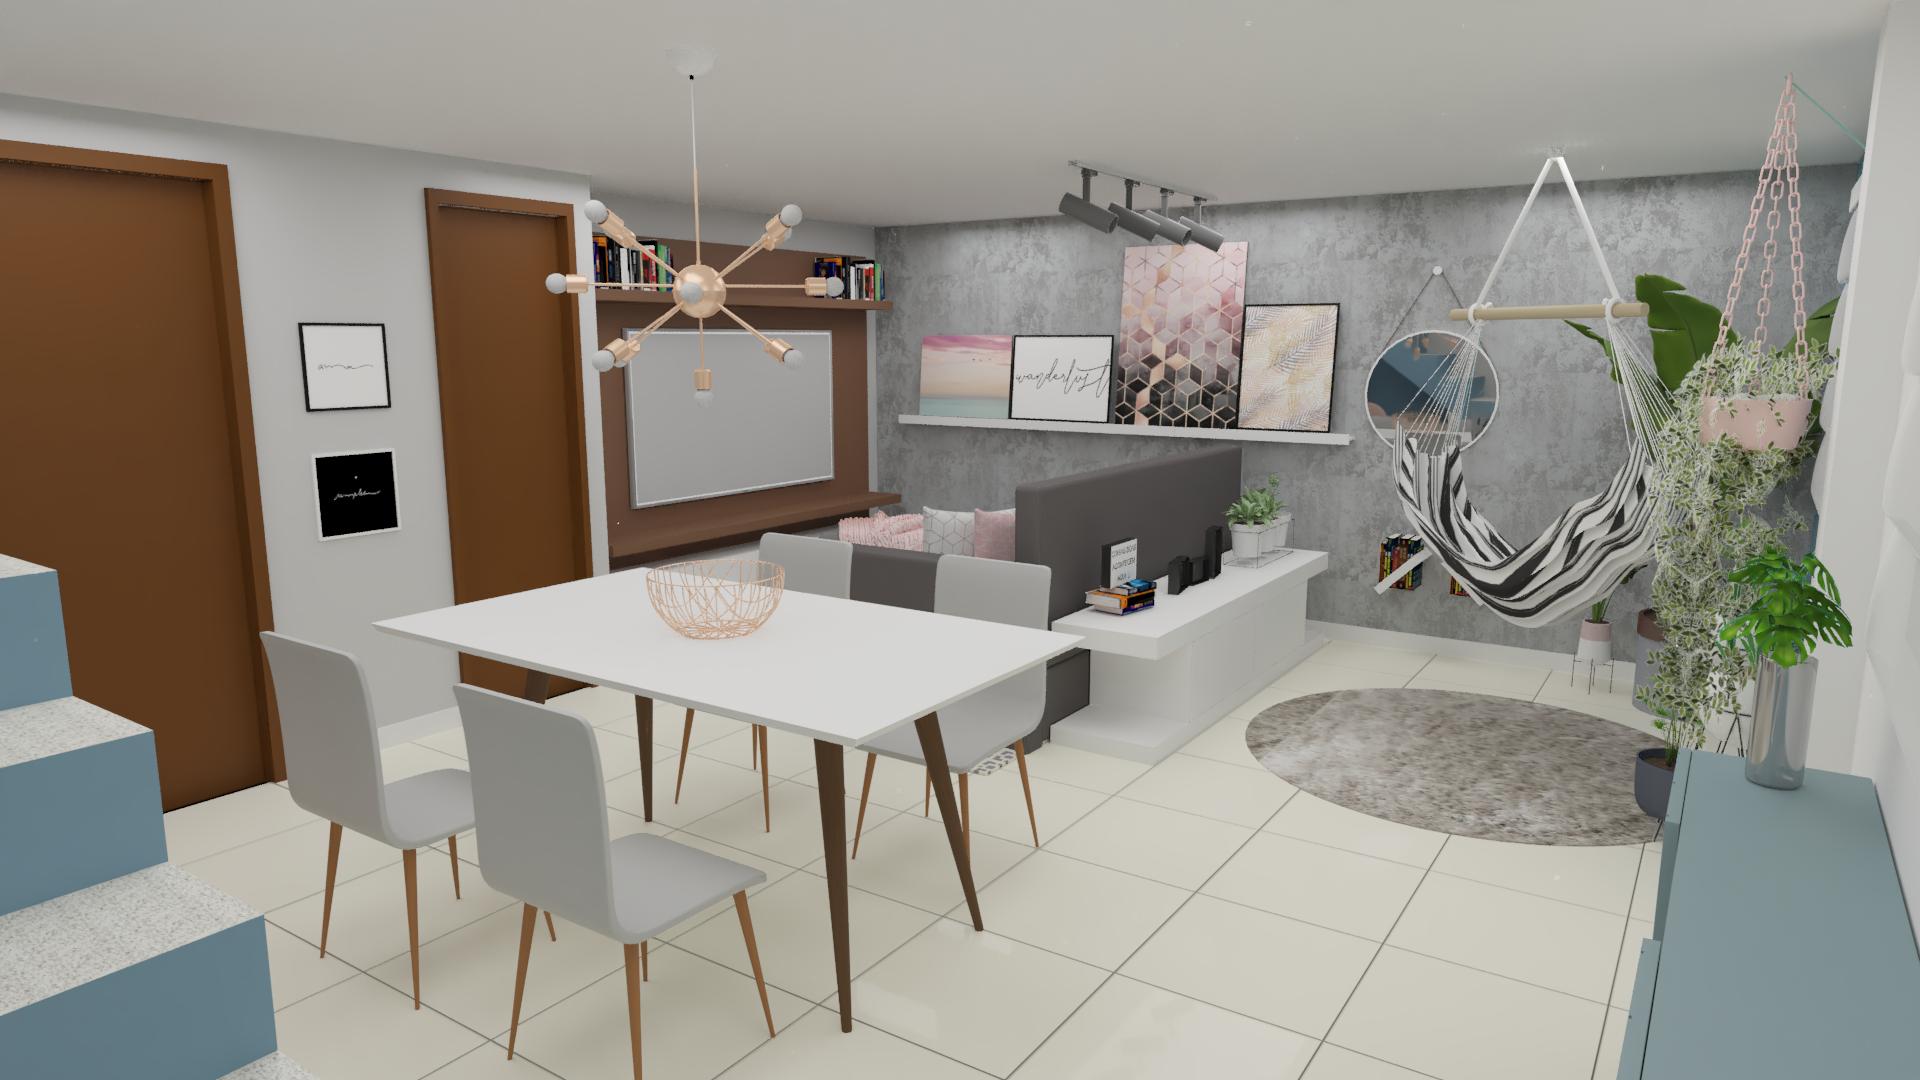 Sala Integrada estilo Romântico Cool